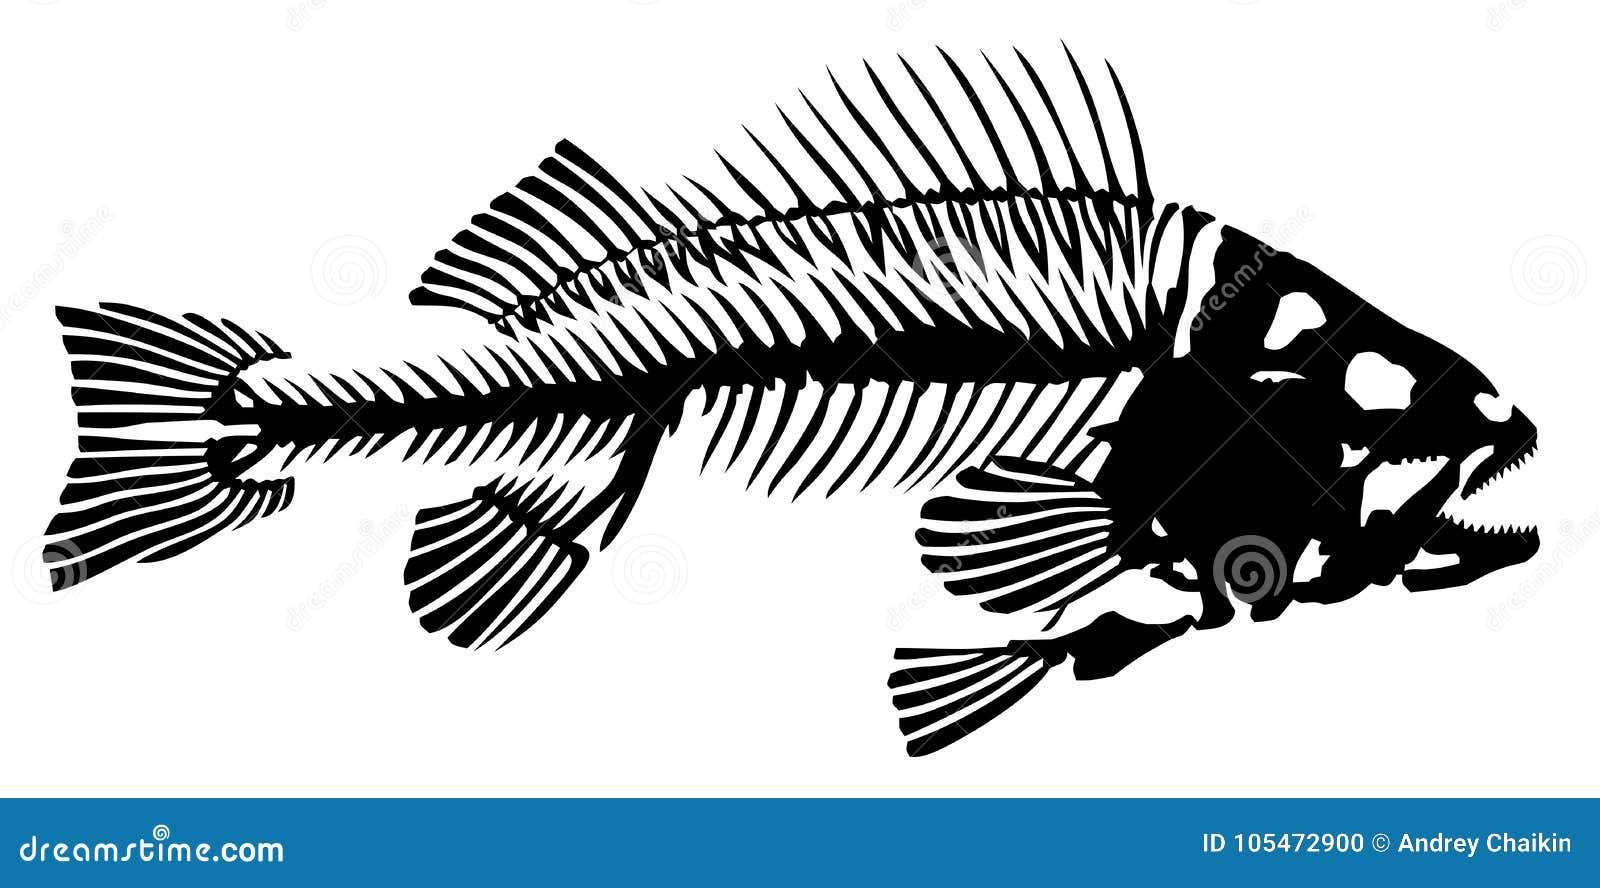 Zabawy rybną ilustracyjny zredukowany wektora